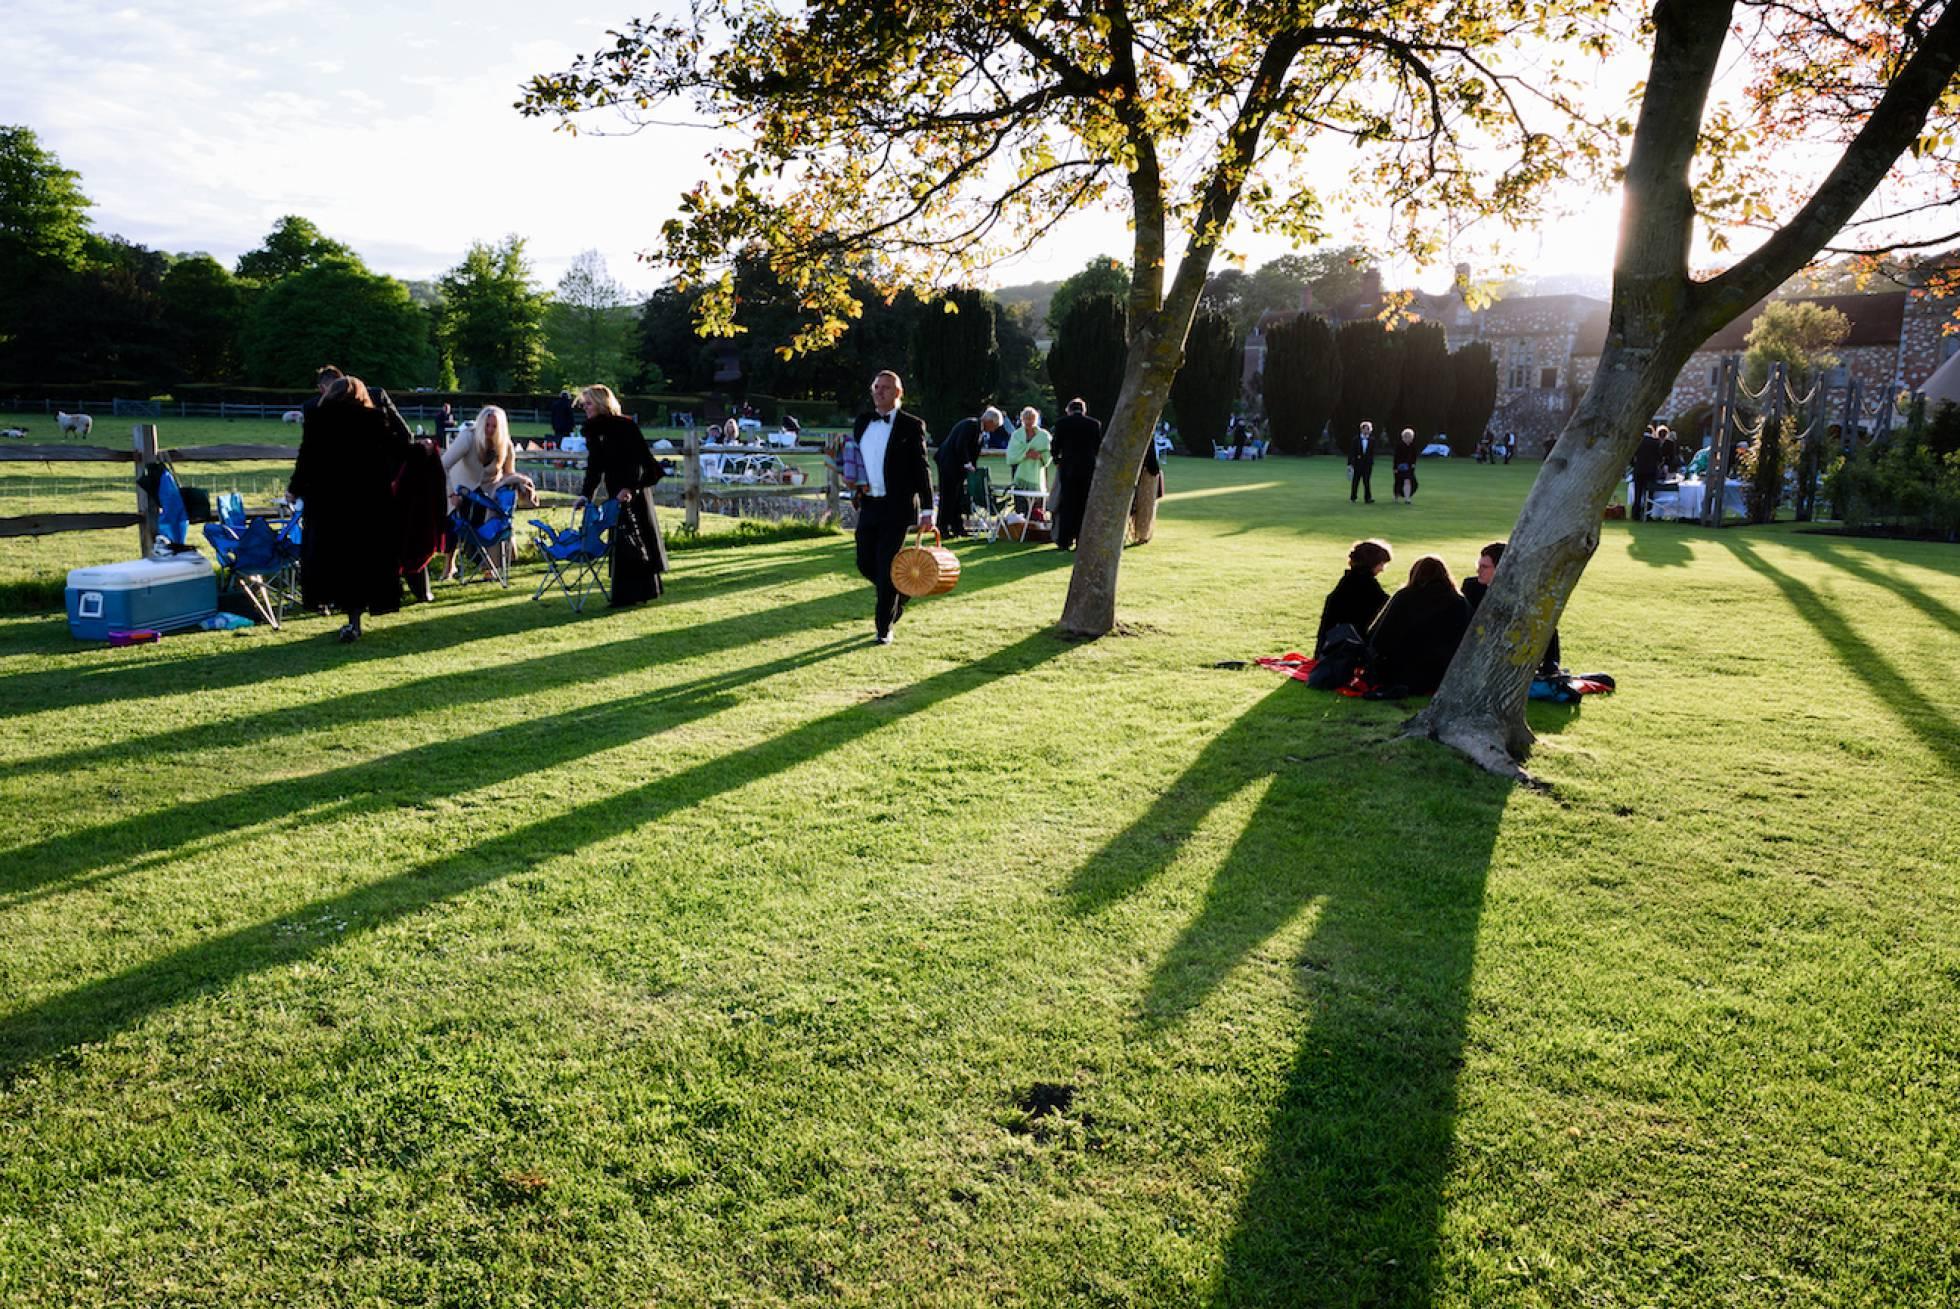 El Festival de Glyndebourne desvela detalles de su edición de 2021